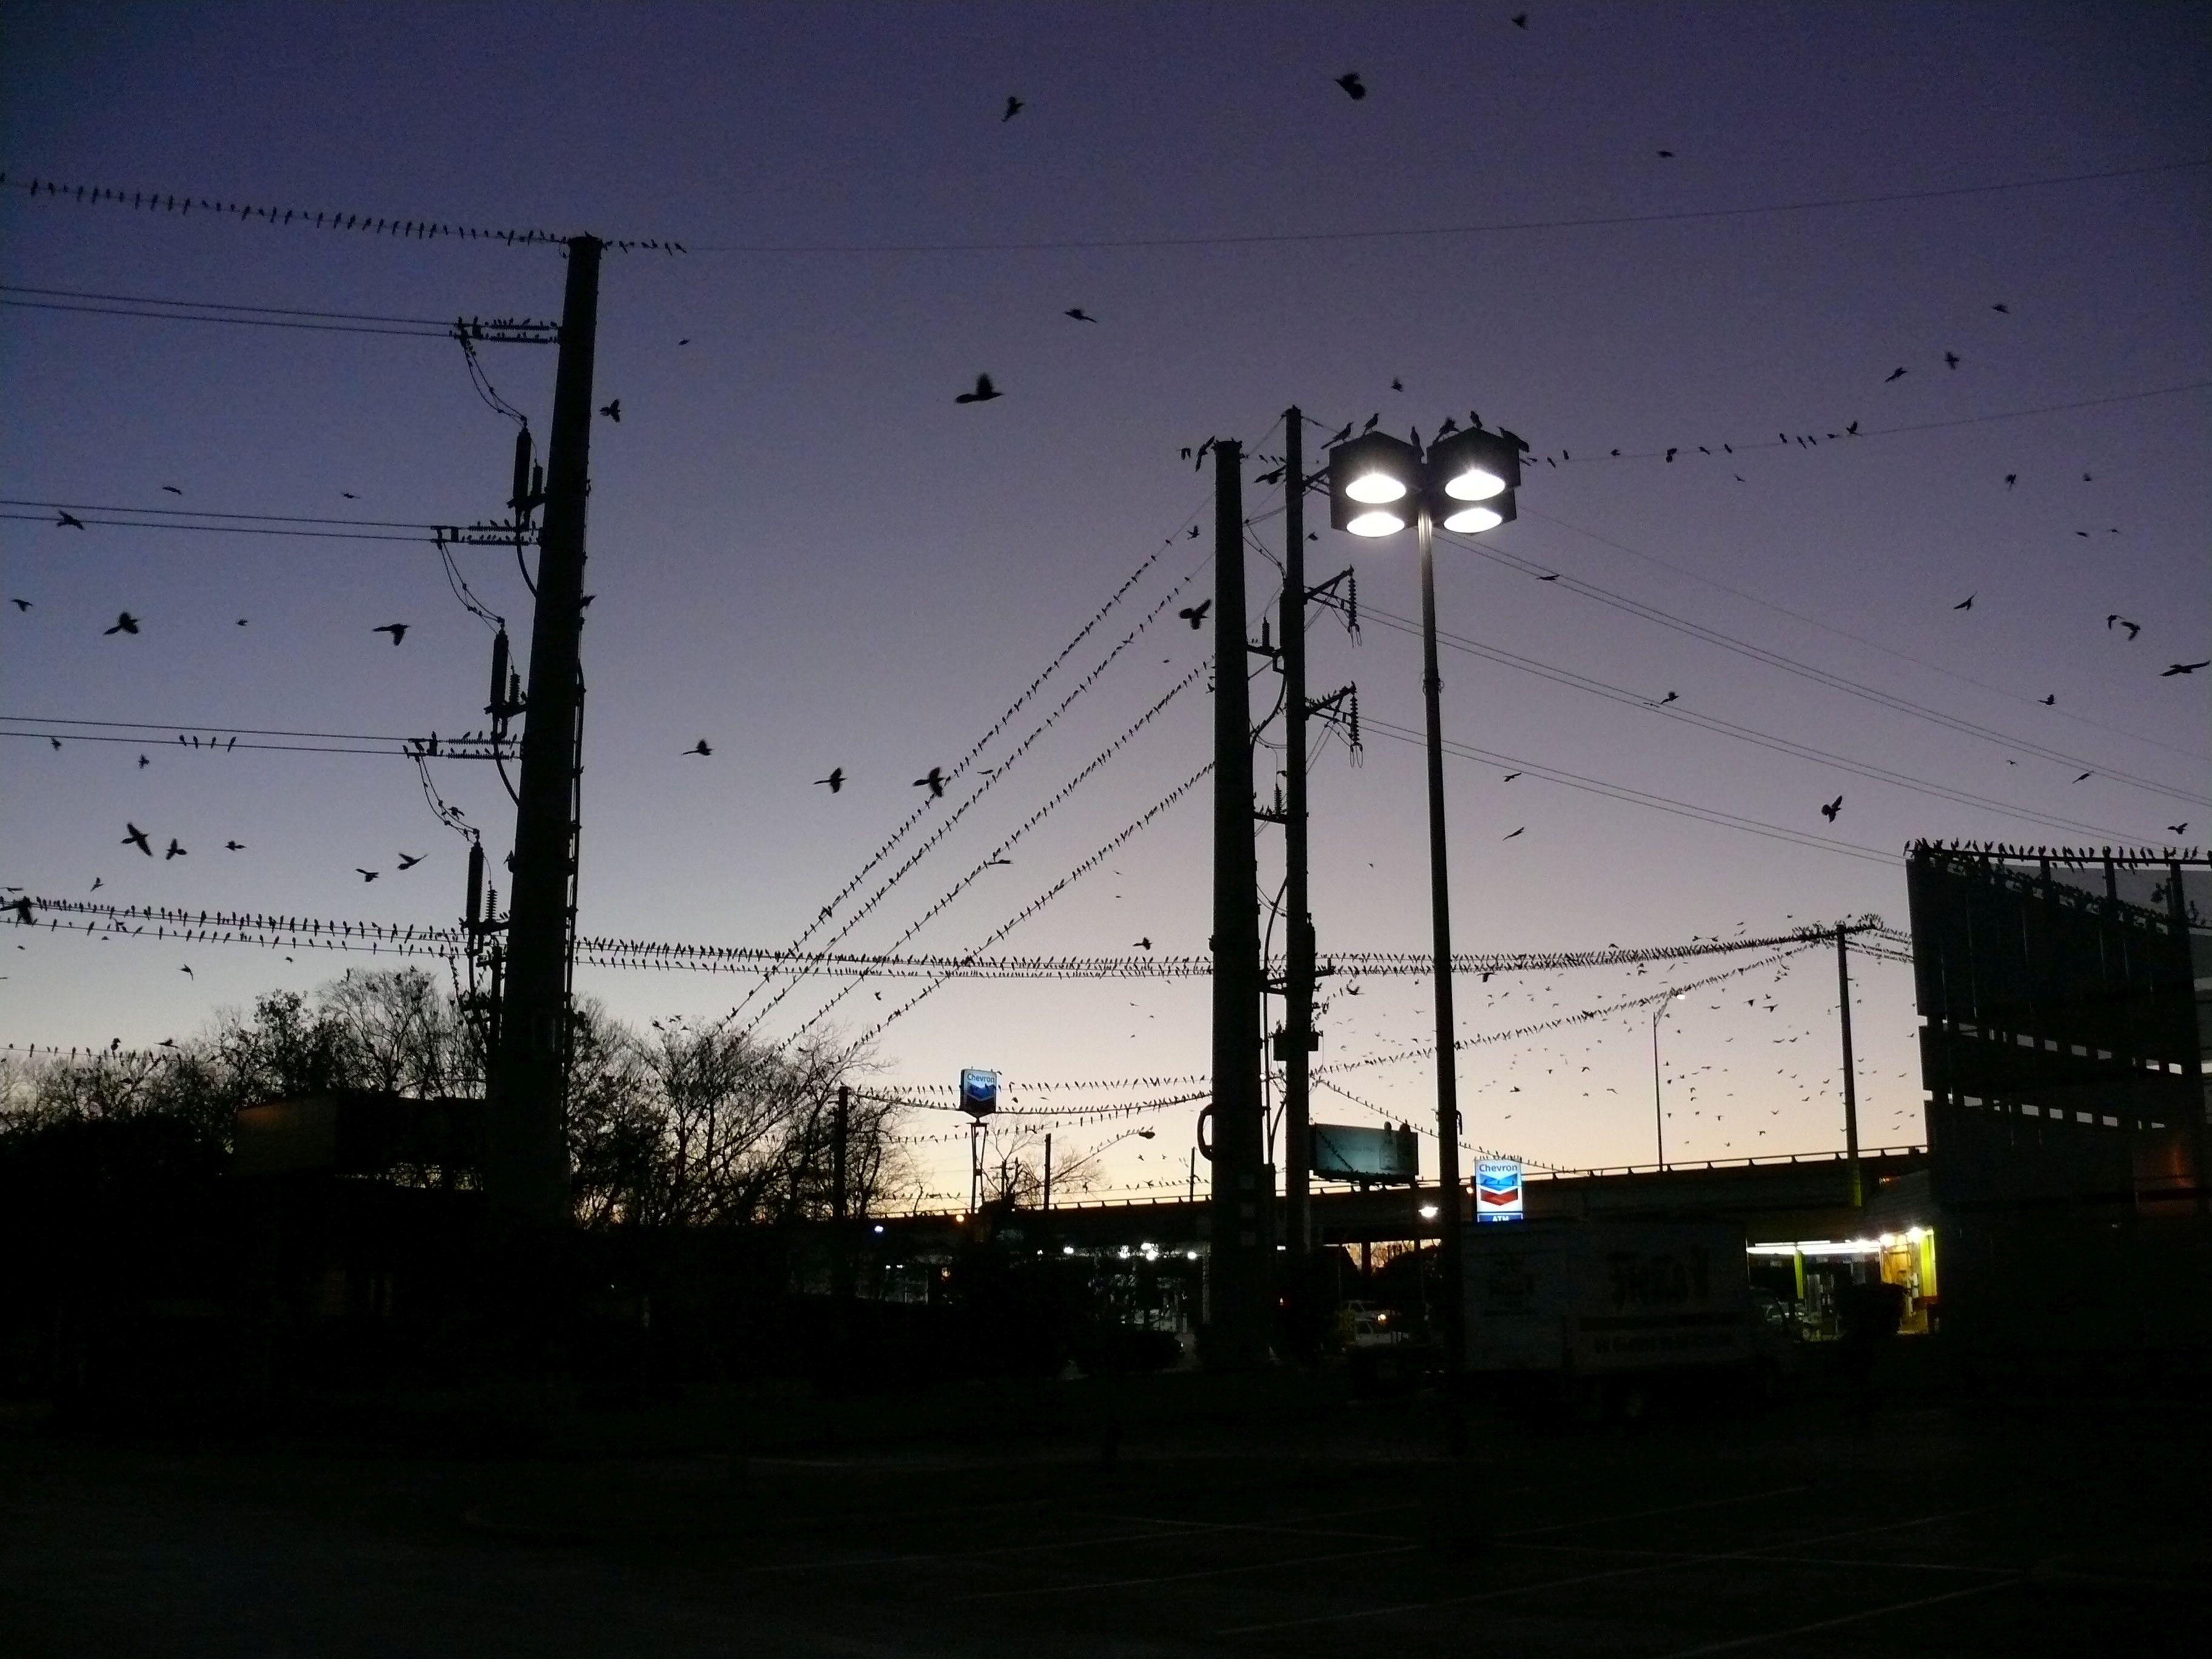 Rigók záporoznak az égből Bostonban